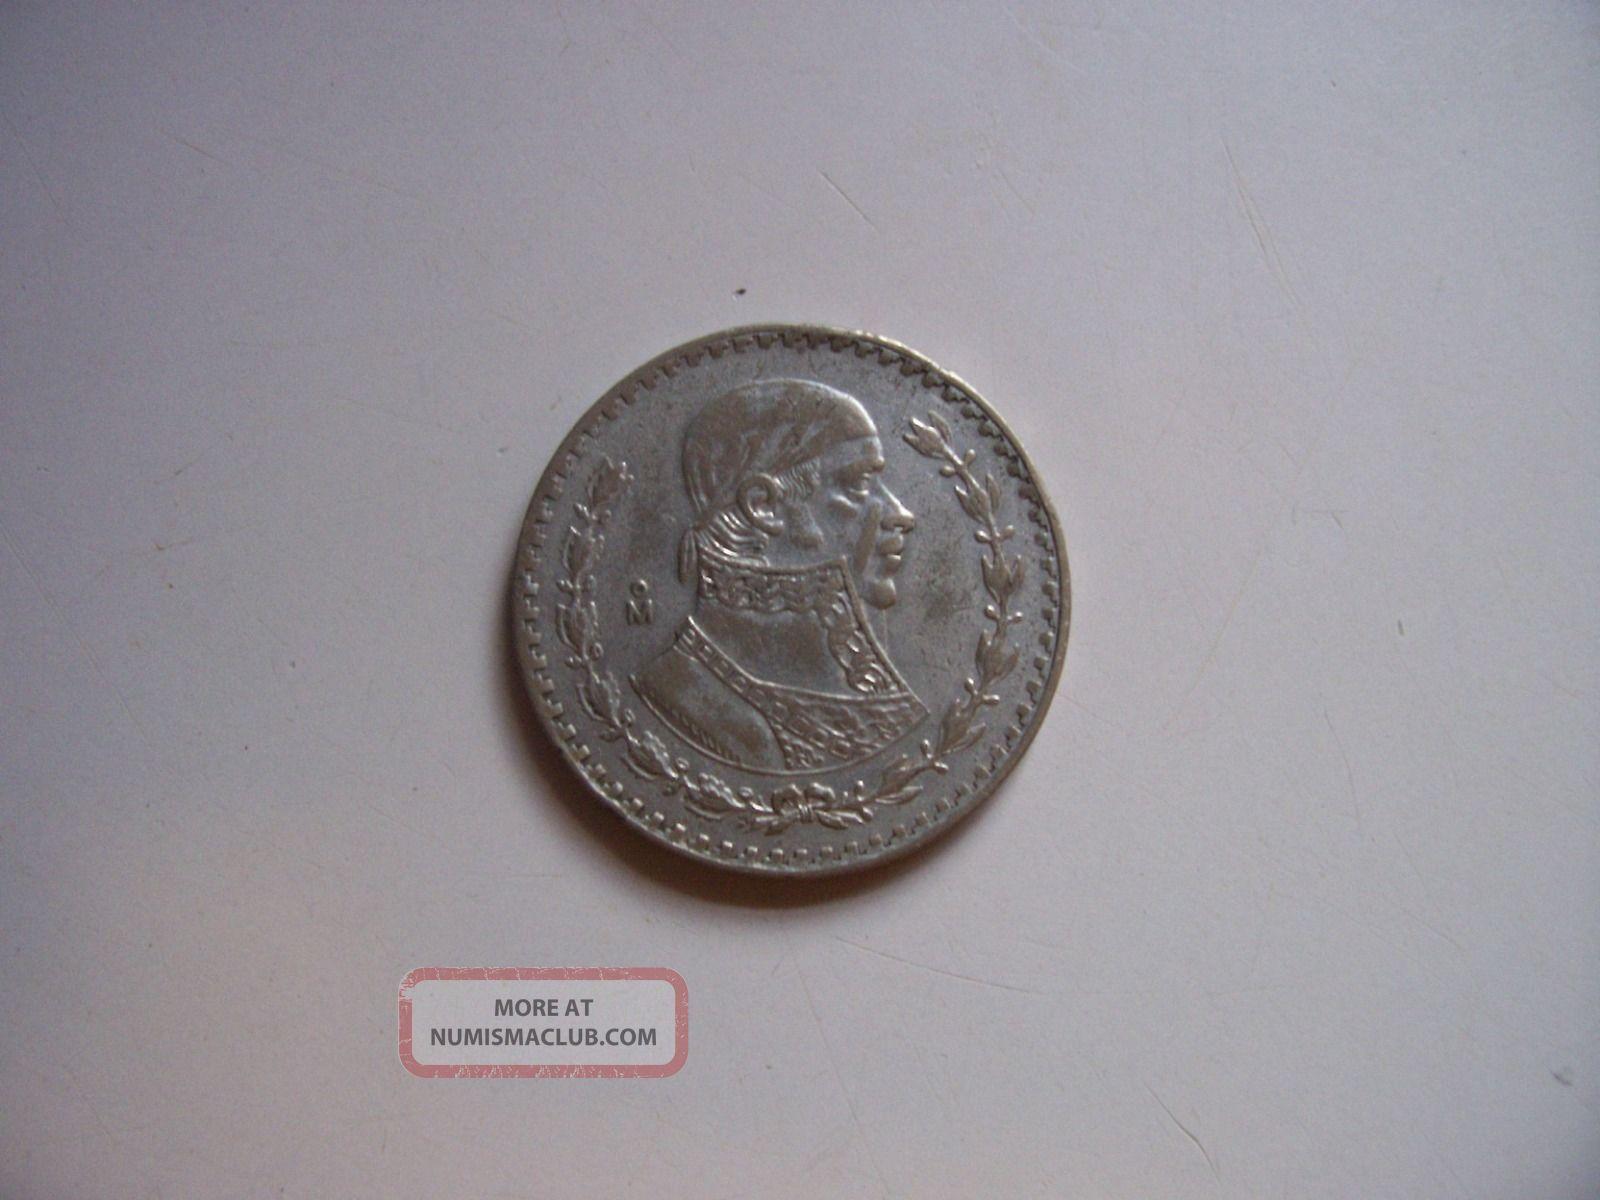 1959 Silver Peso Xf Silver photo